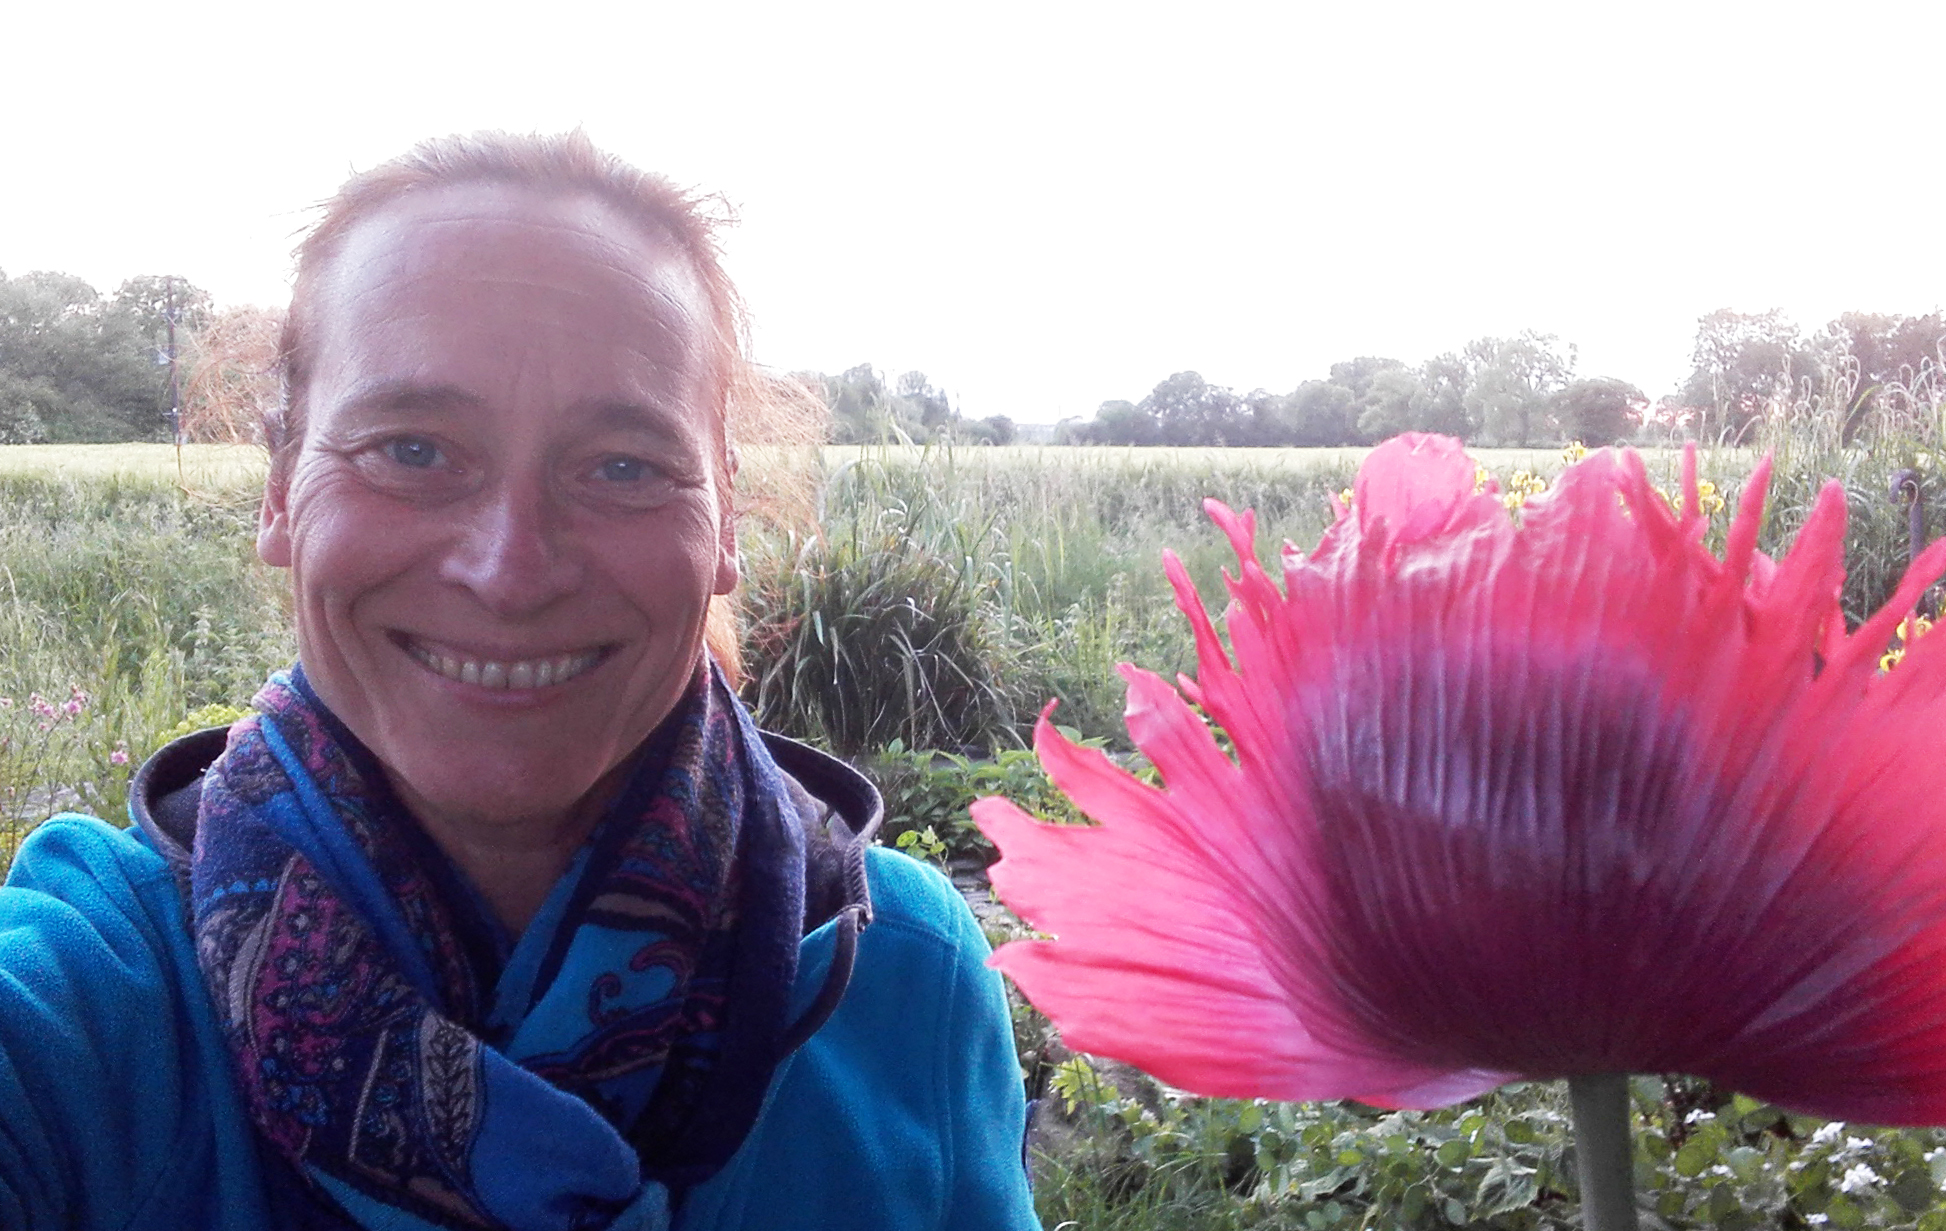 Massage Amersfoort | Ziehier.nu |Bianca Brouwer